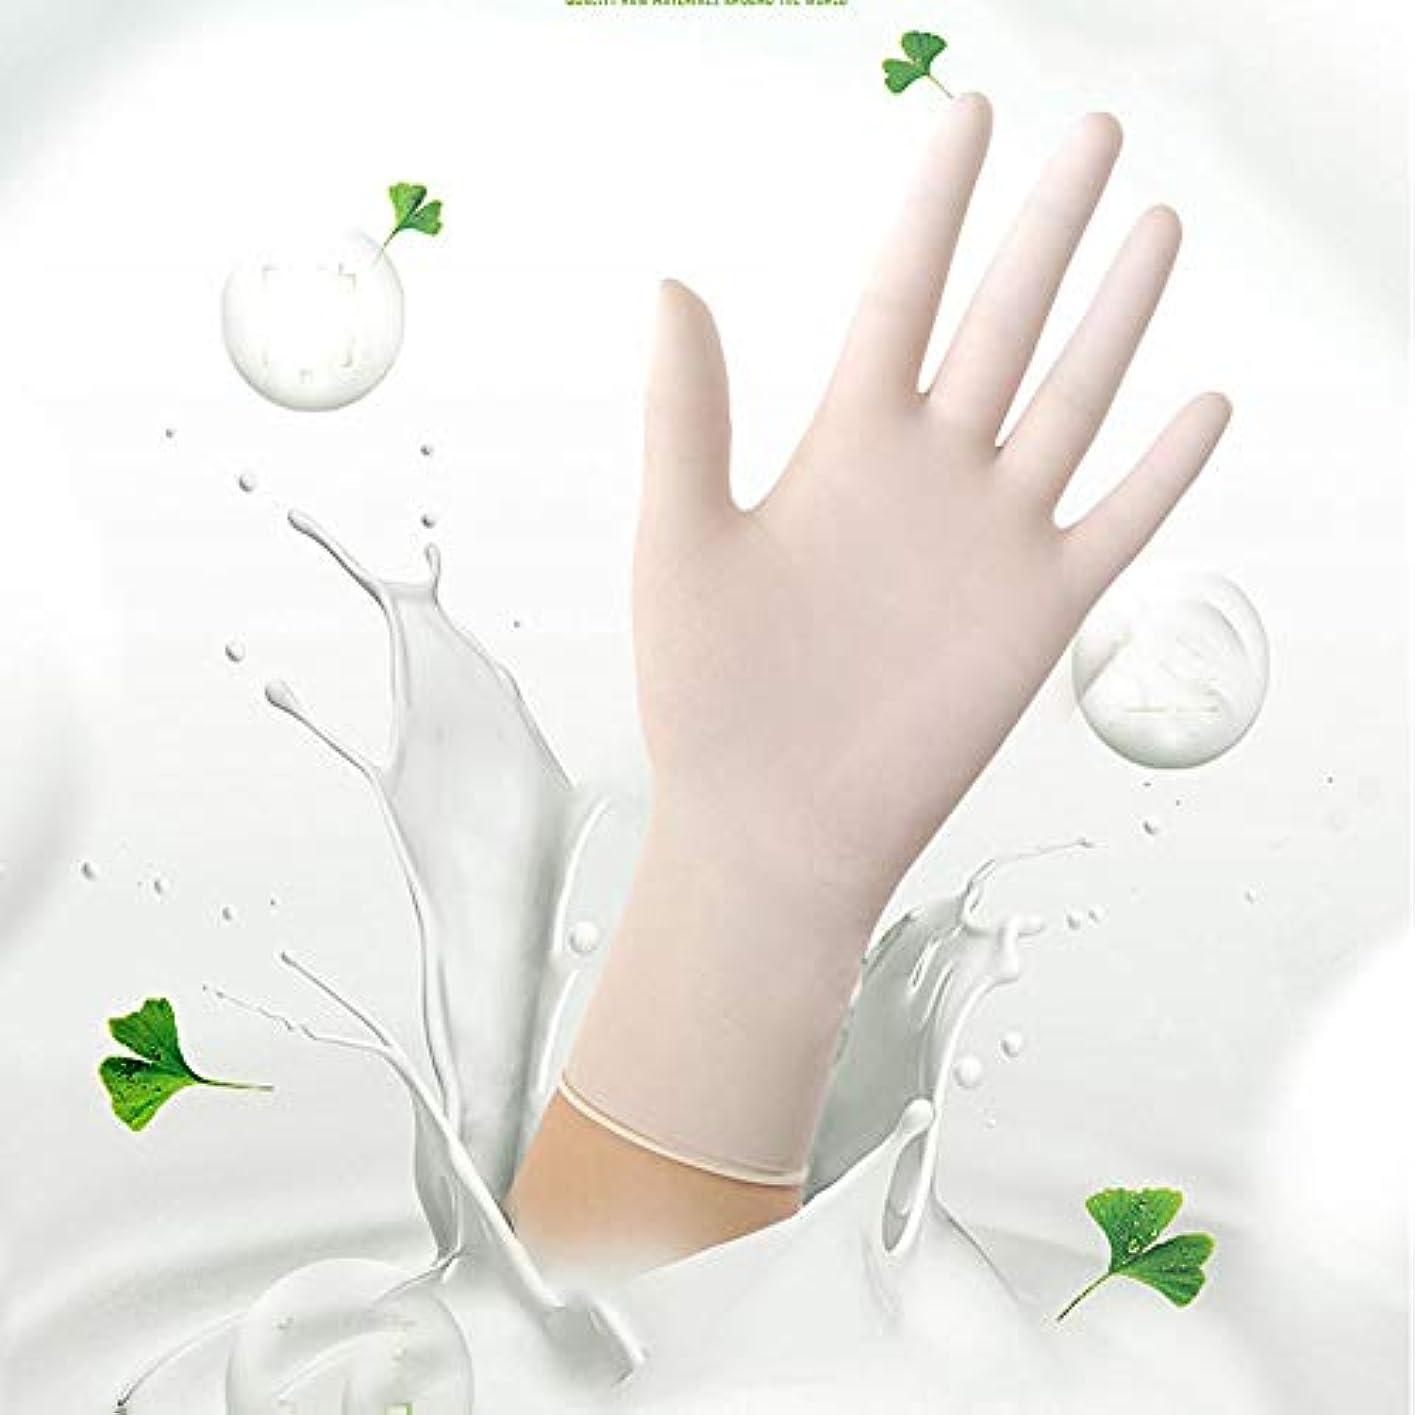 広げる黒板検査ニトリル検査用手袋 - 医療用グレード、パウダーフリー、ラテックスラバーフリー、使い捨て、非滅菌、食品安全、インディゴ色、100カウント、サイズS-L (Color : White, Size : S)